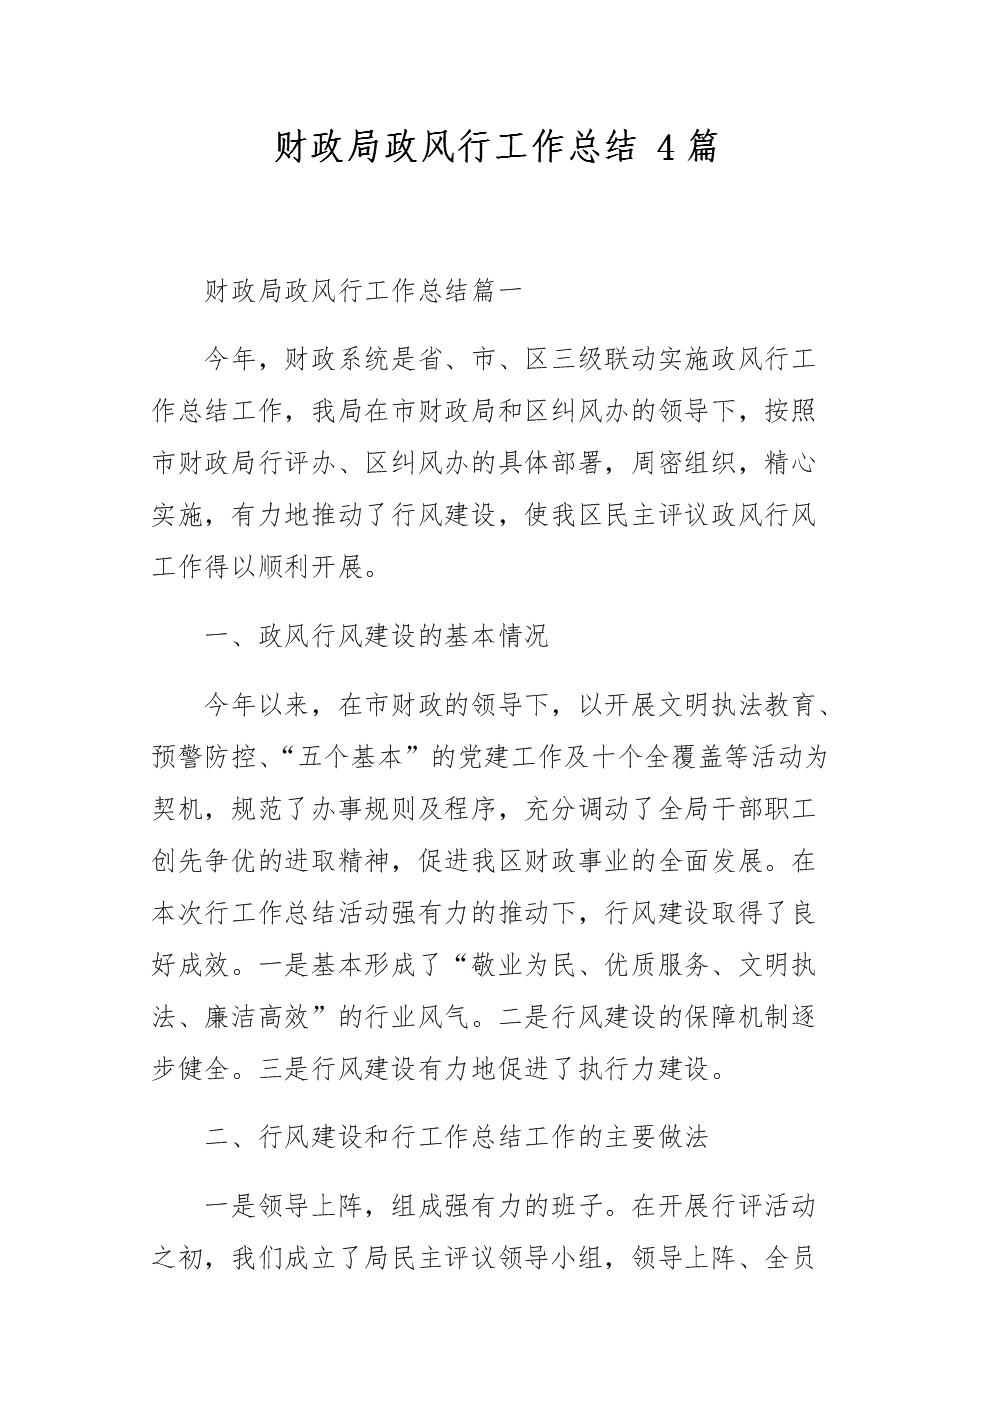 财政局政风行工作总结 4篇.docx